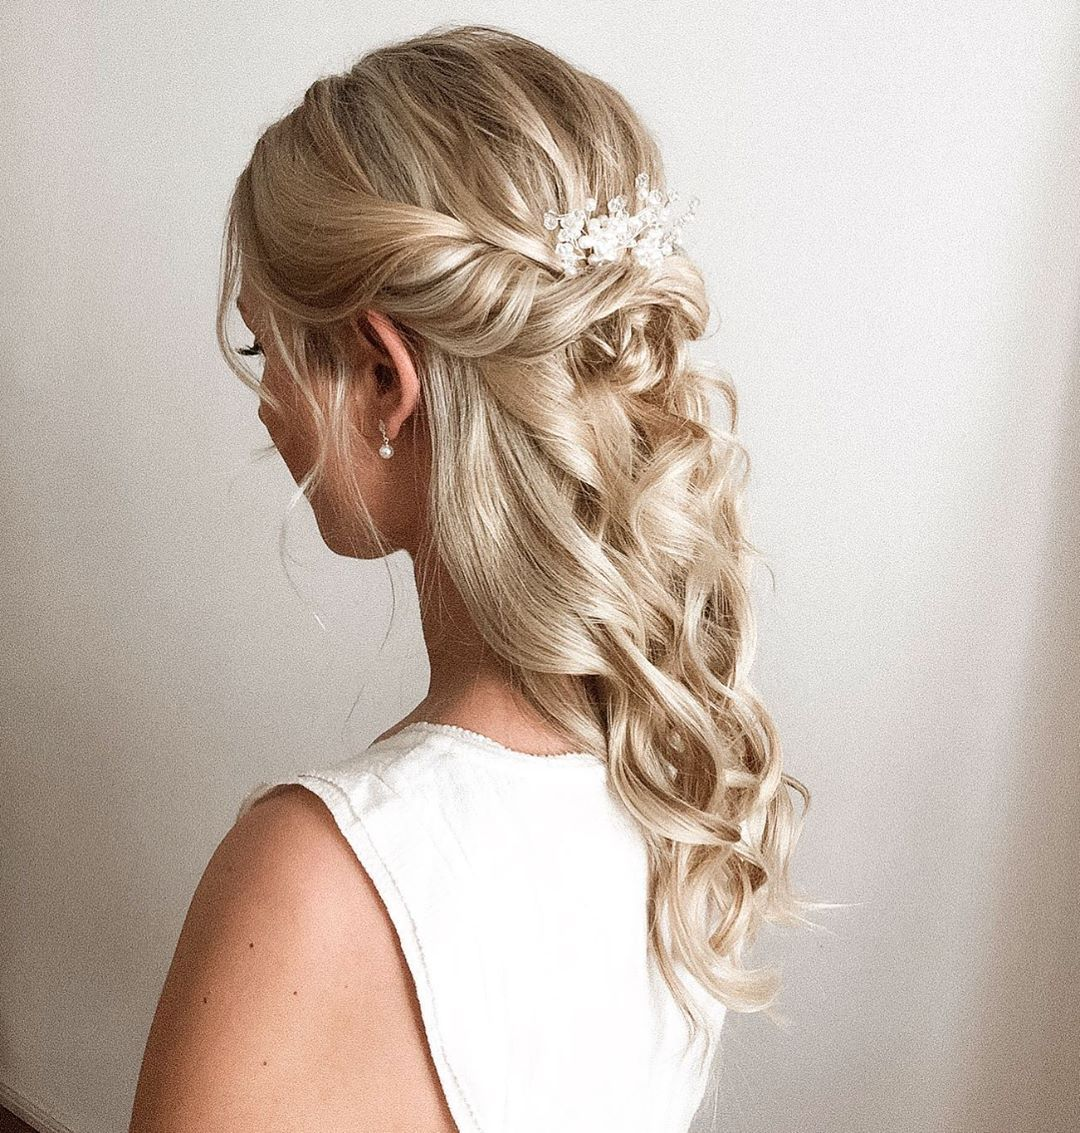 Half Up Einer Der Frisuren Von 2019 Welche Frisur Wird Es Nachstes Jahr Was Denkt Ihr Frisuren Updo Braut Long Hair Styles Hair Styles Beauty